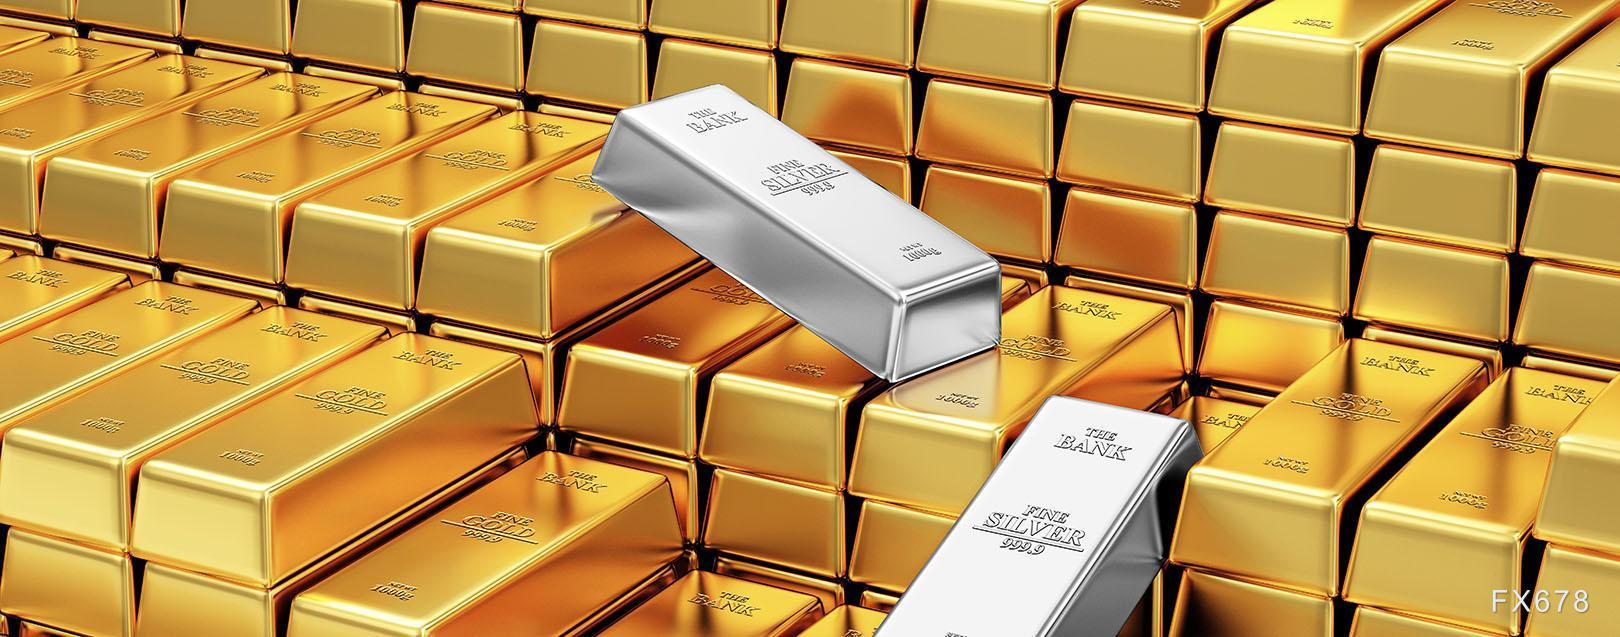 """放弃弱美元政策耶伦或送黄金""""一记重拳"""" 欧央行利率决议来袭+外汇模拟软件"""